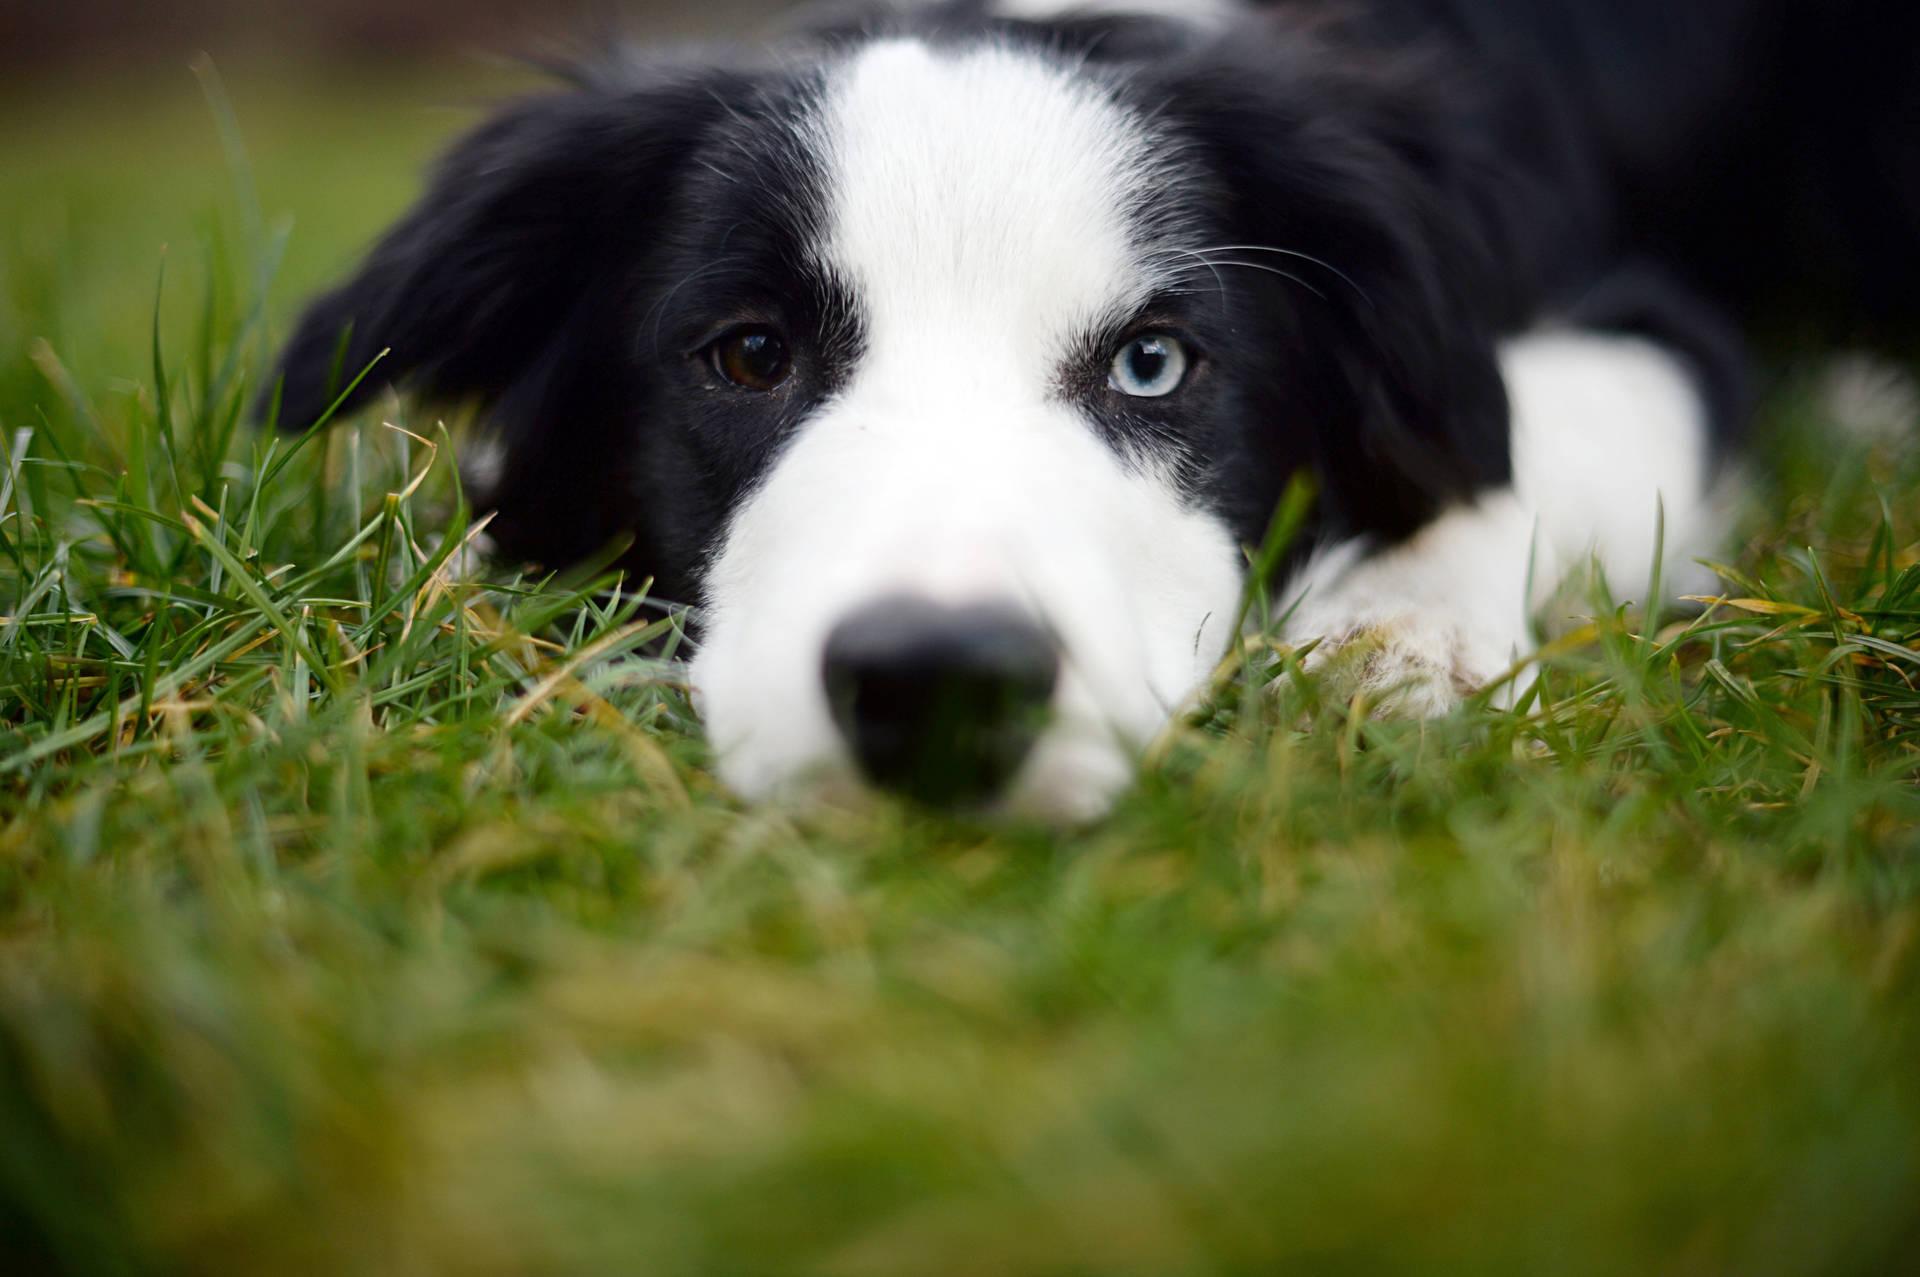 Kastration Beim Hund Sinnvoll Oder Gefährlich Wdrde